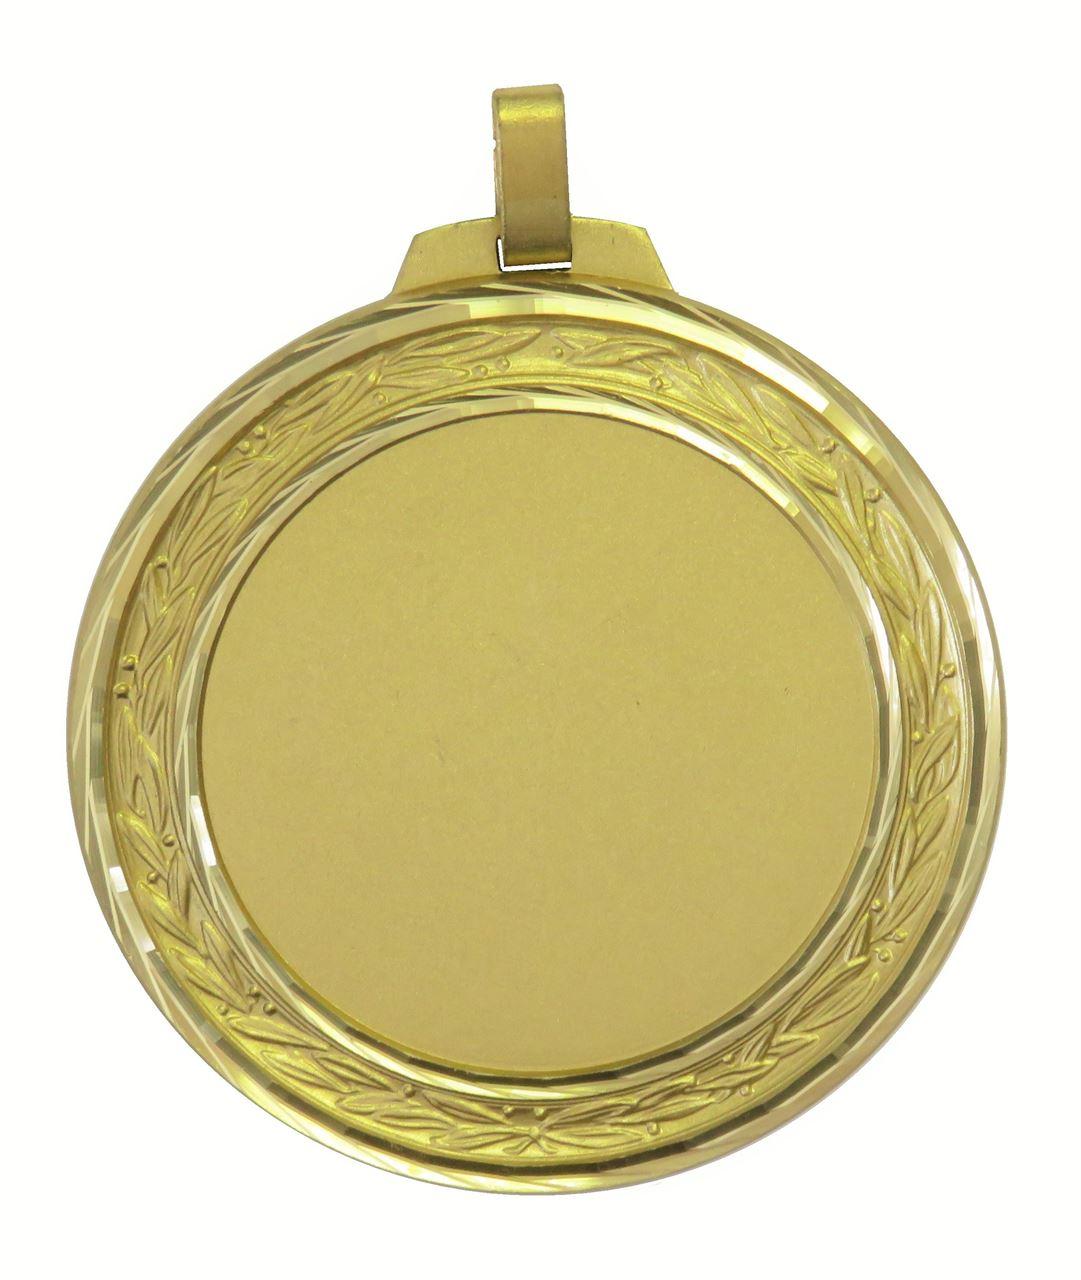 Gold Faceted Laurel Medal (size: 60mm and 70mm) - 5500FL